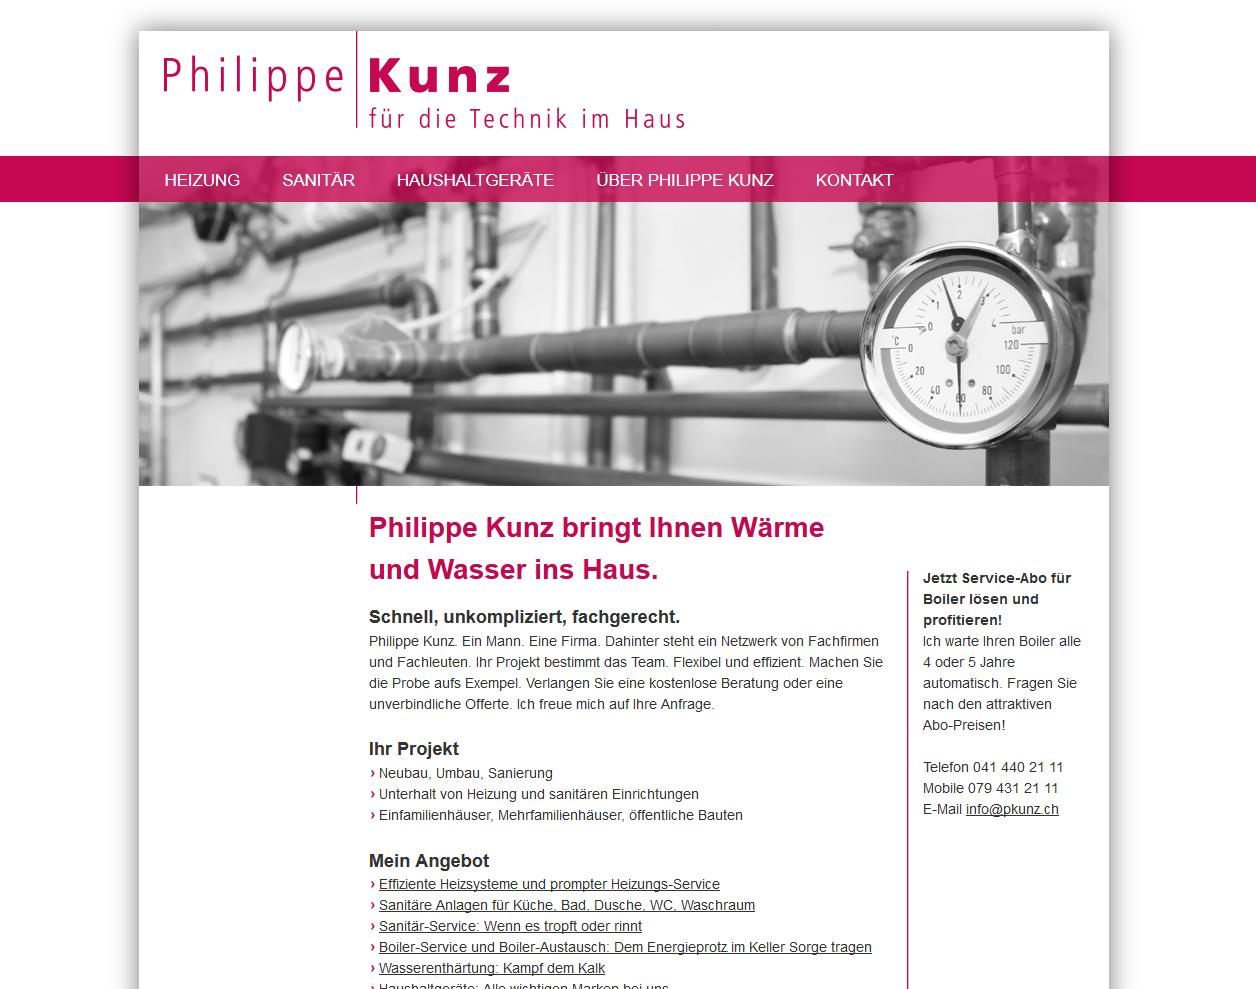 Screenshot der Neos-Website von Philippe Kunz